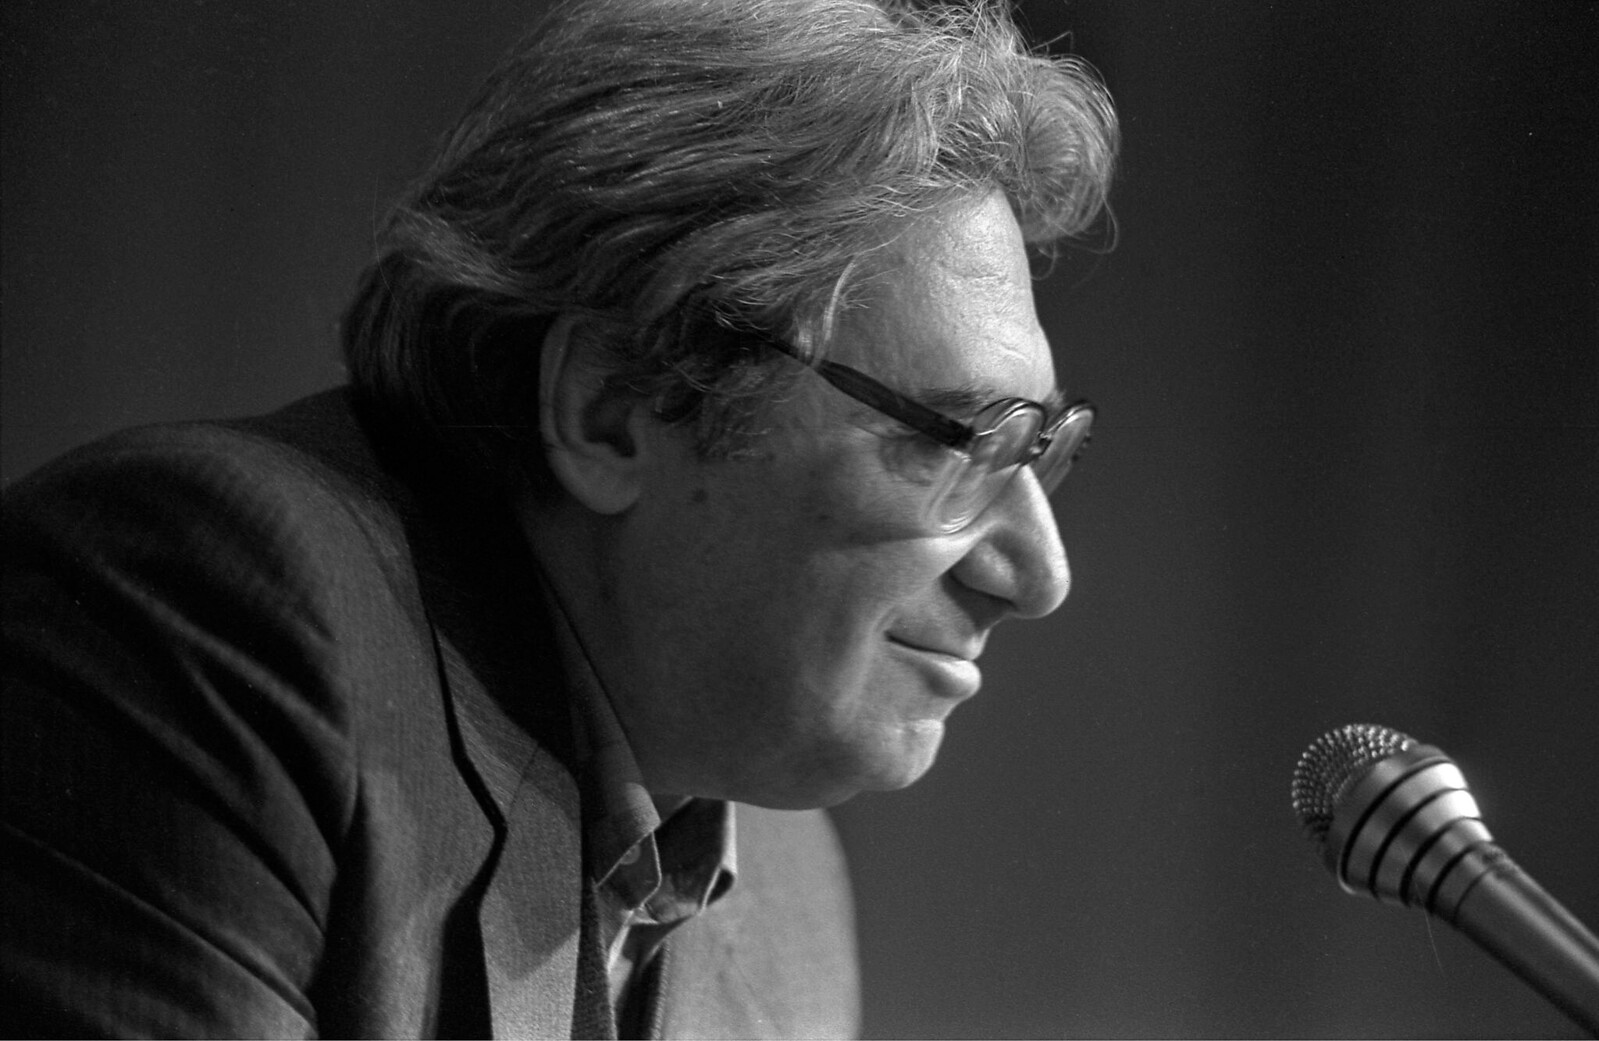 1985. Писатель, литературовед и прозаик, литературный критик Бенедикт Сарнов